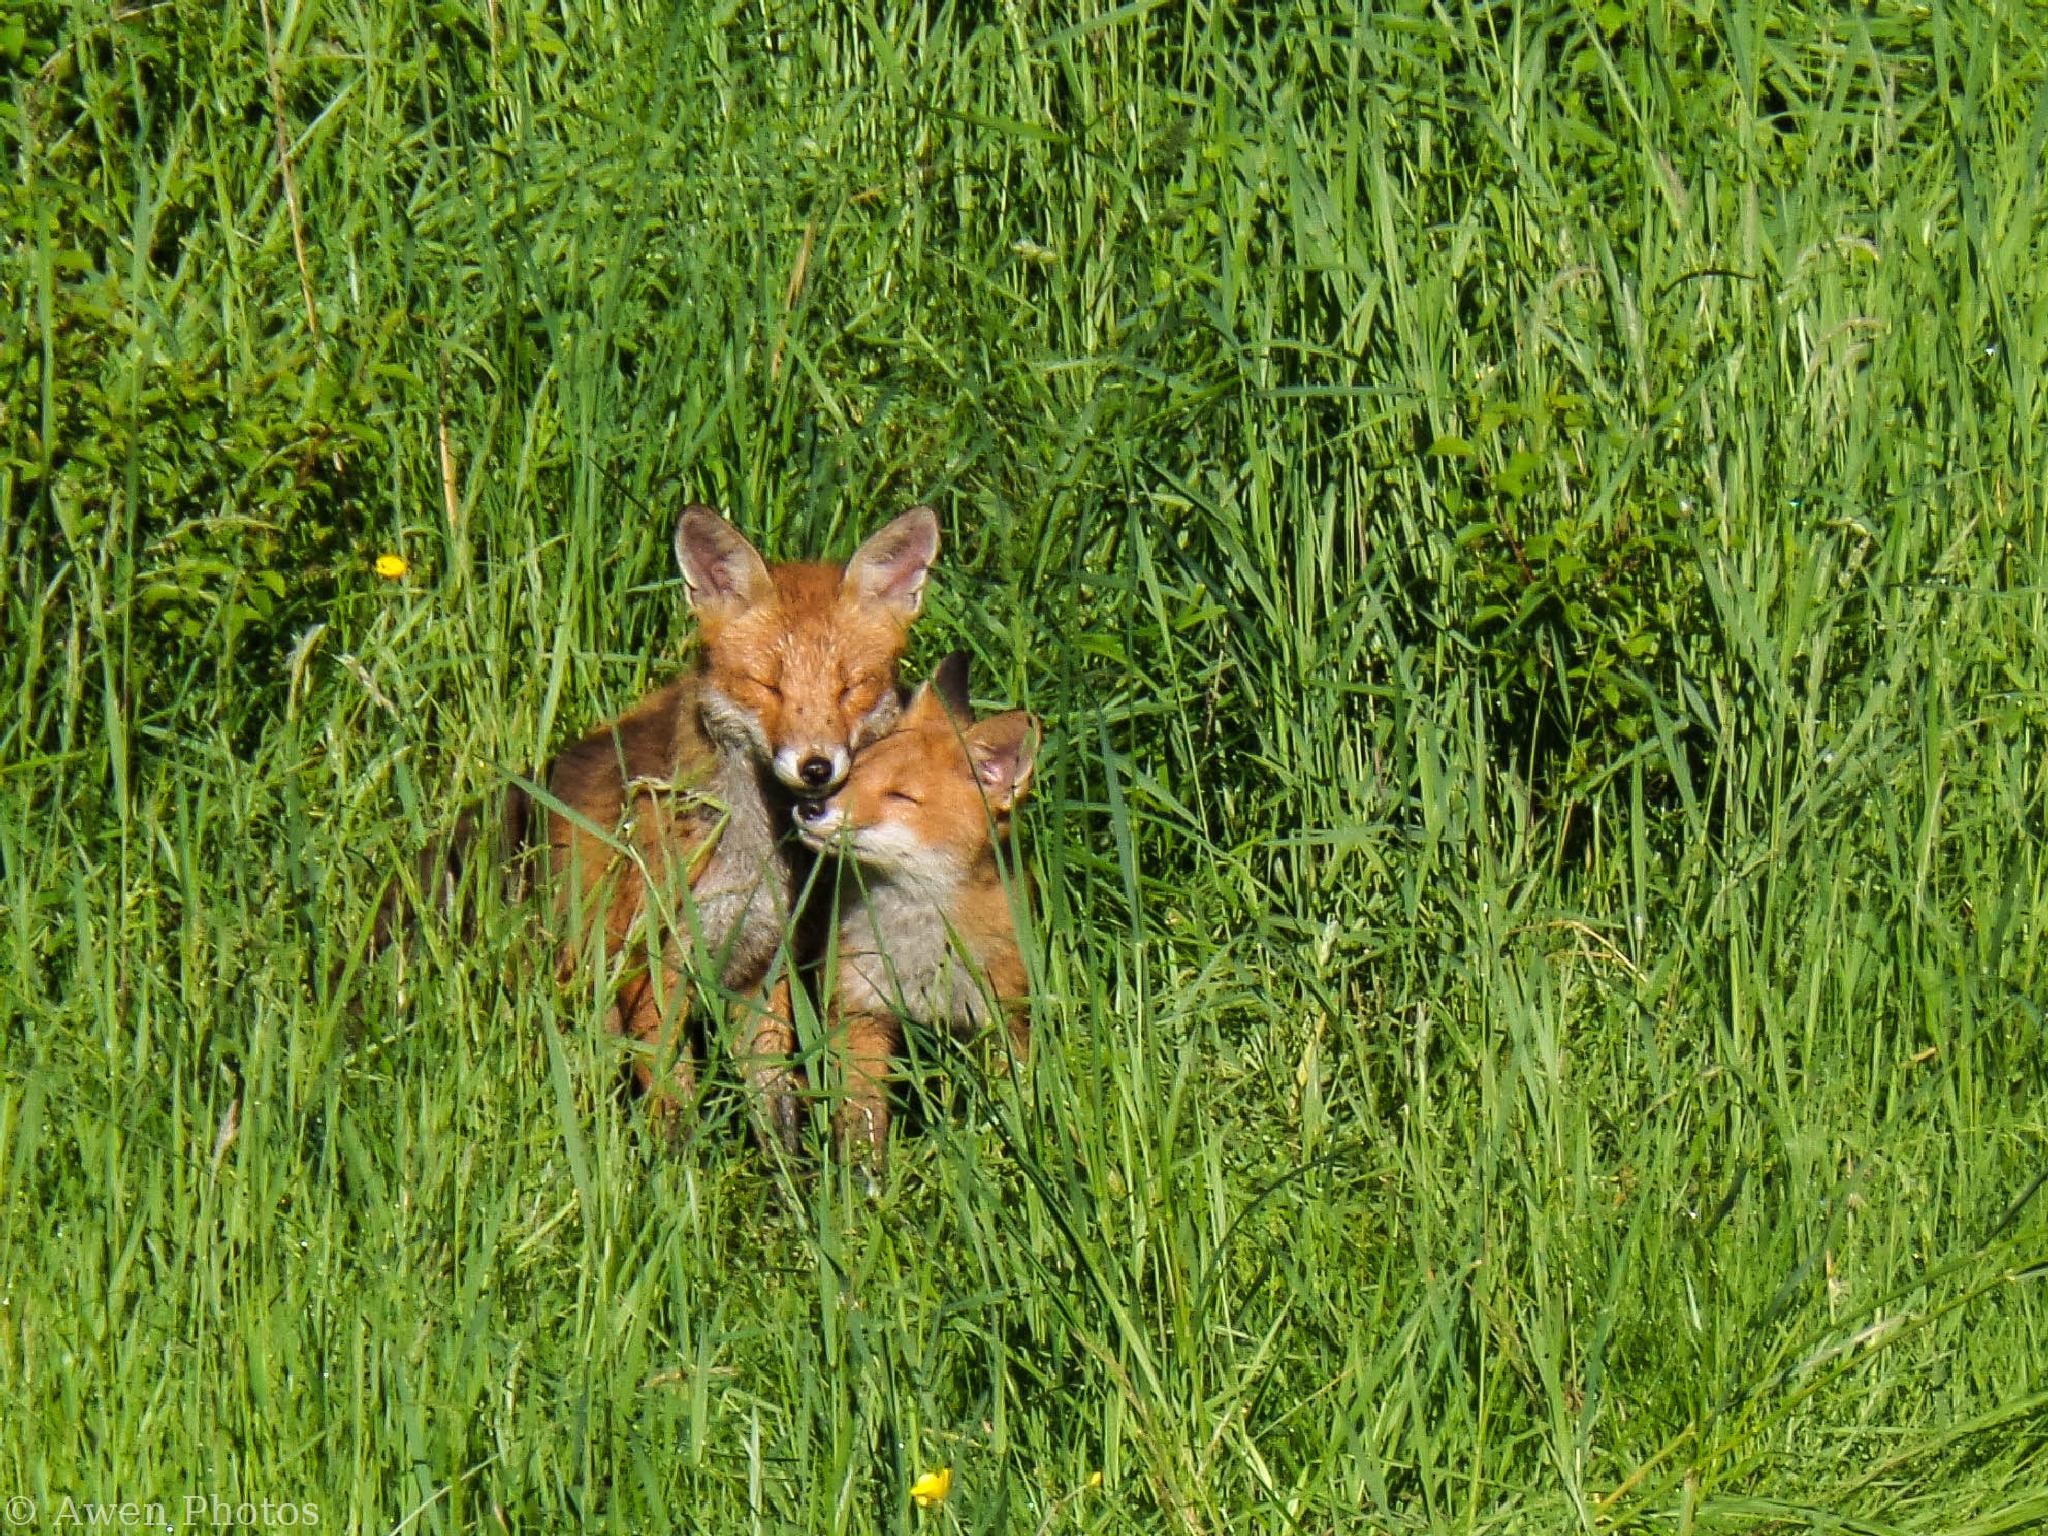 Glasgow fox family (2) by Neil Pitchford